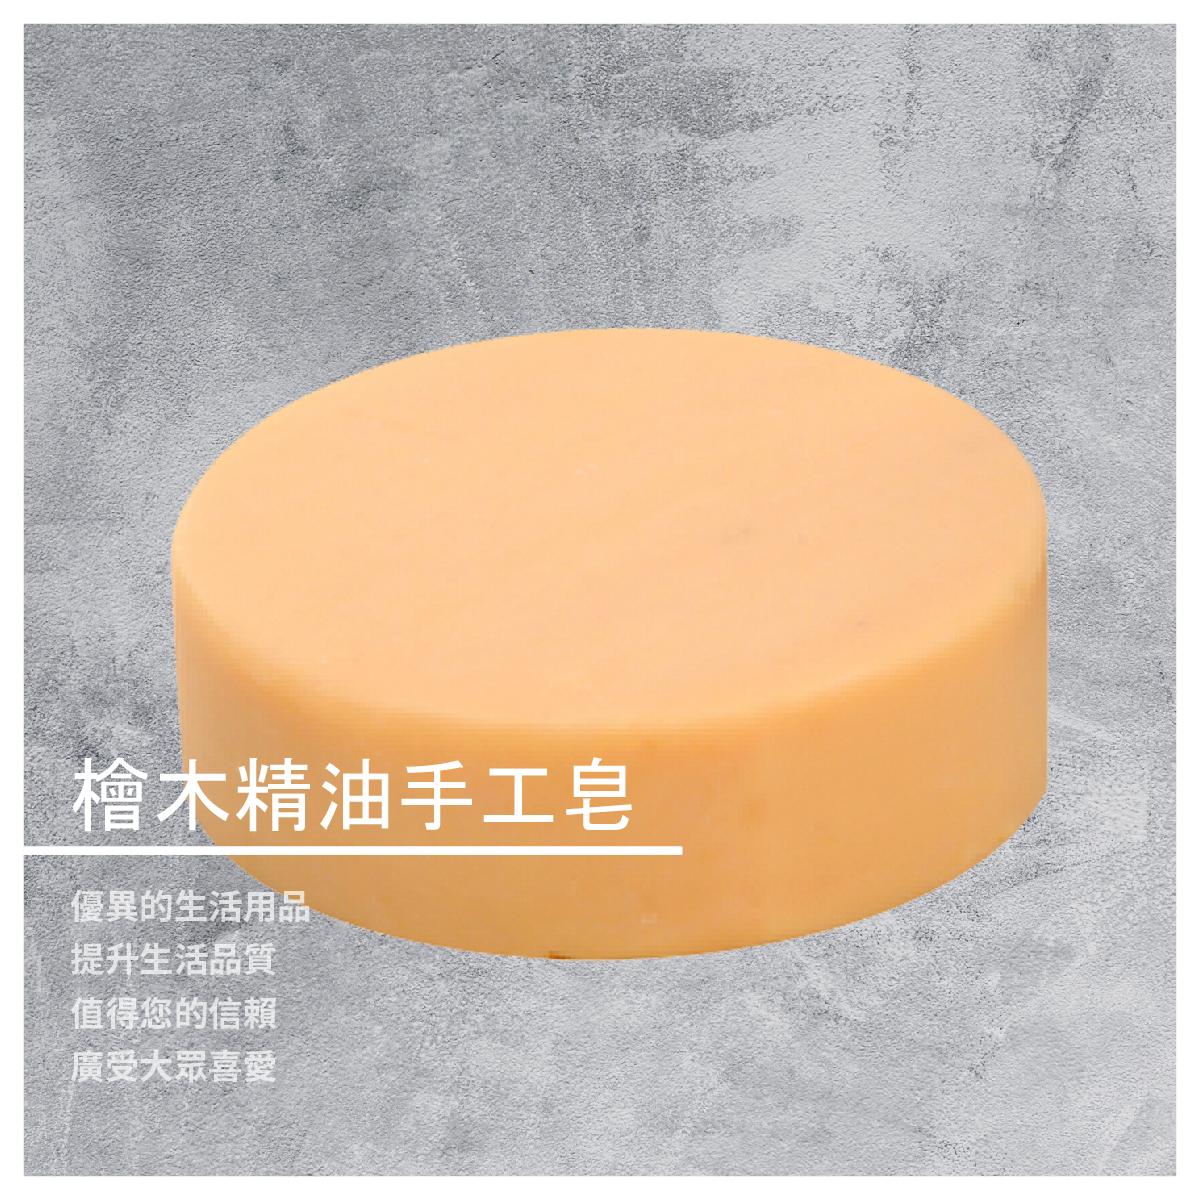 【肯尼士】檜木精油手工皂 6塊/組